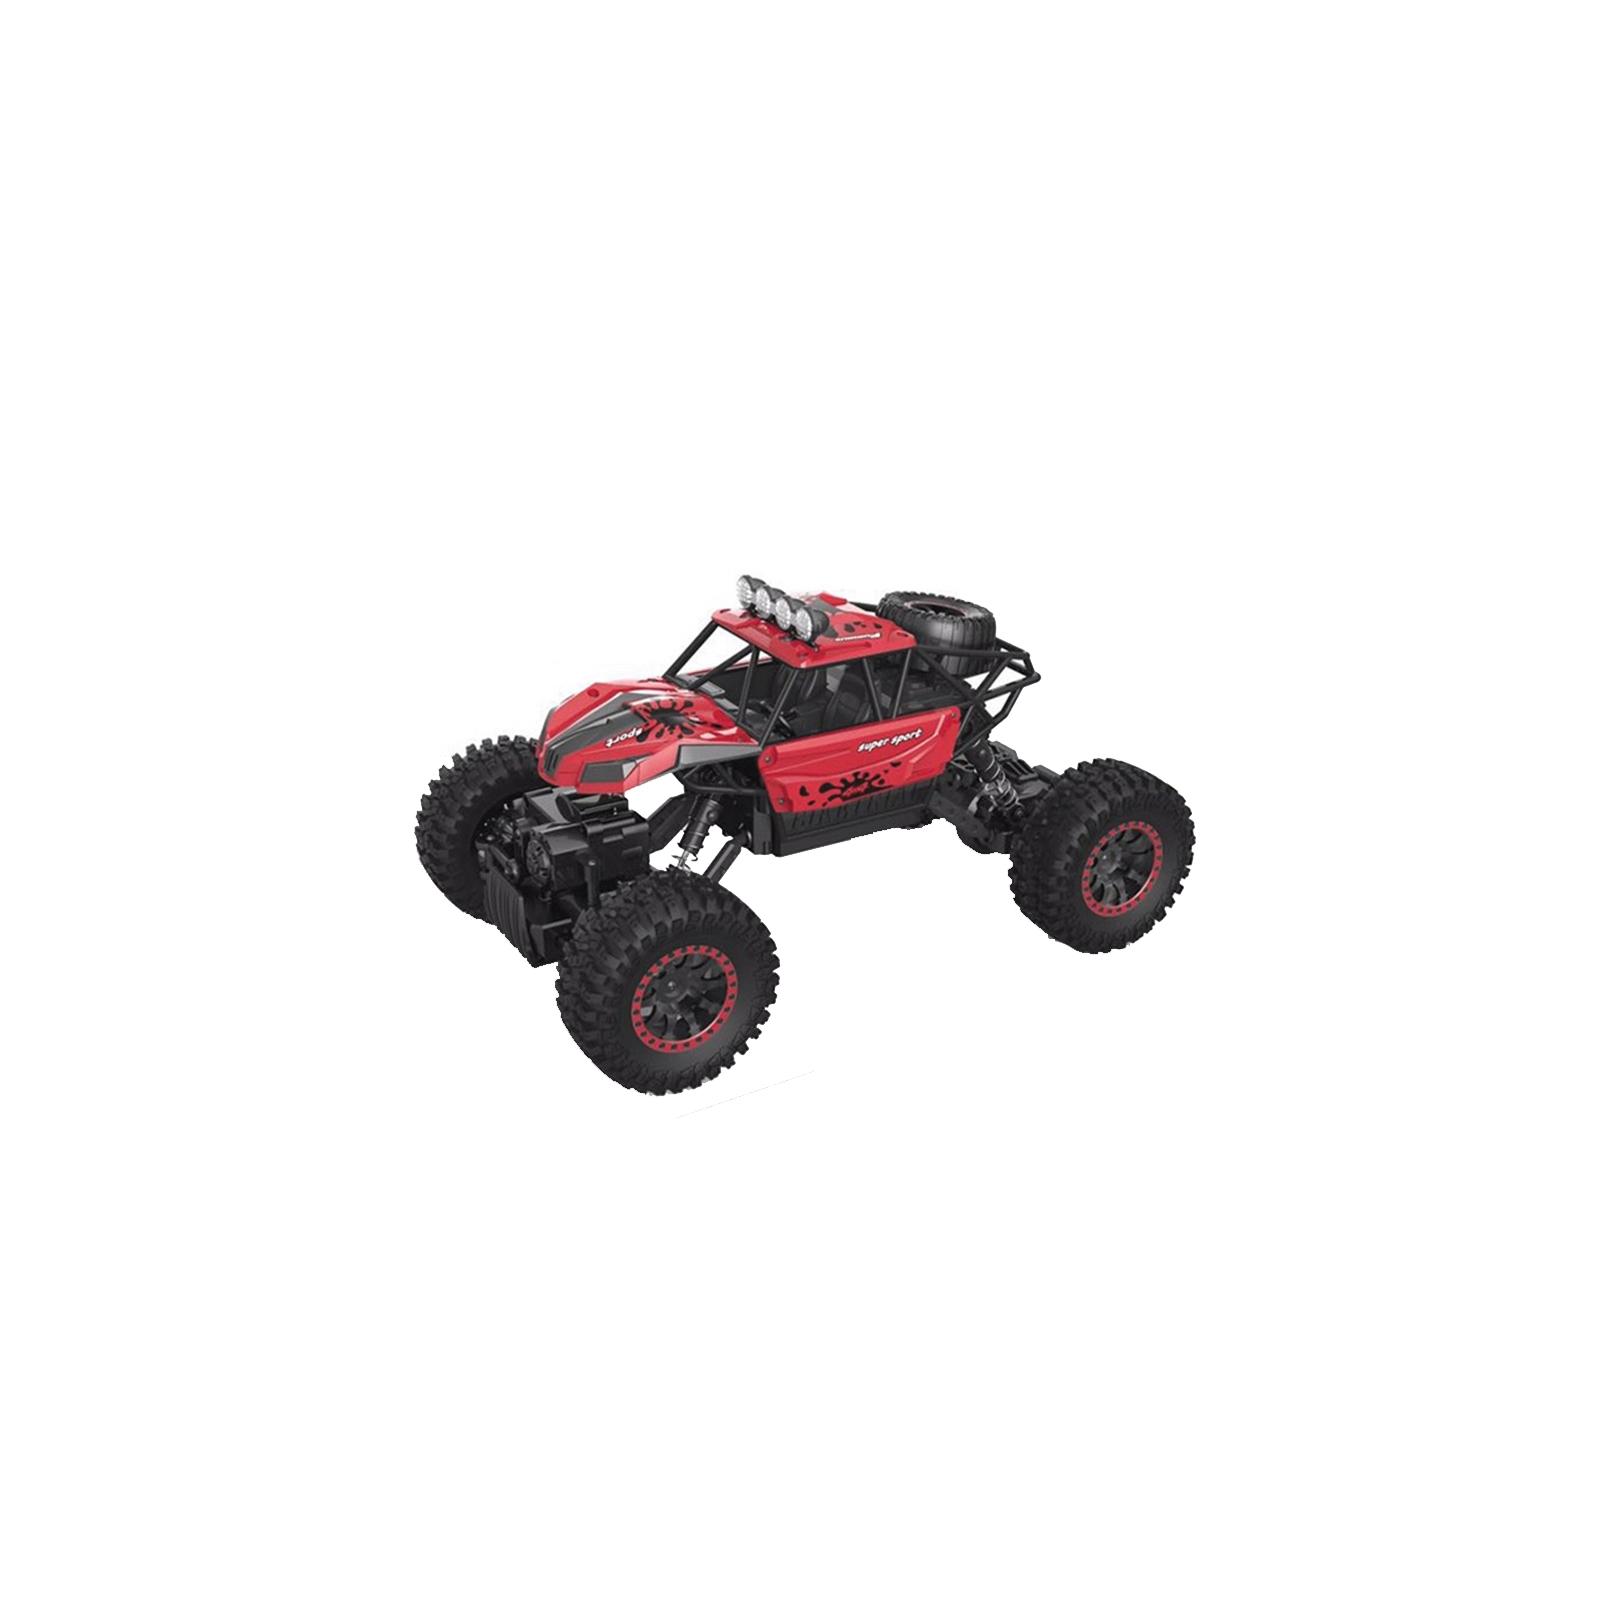 Радиоуправляемая игрушка Sulong Toys OFF-ROAD CRAWLER SUPER SPORT Красный (SL-001RHR)